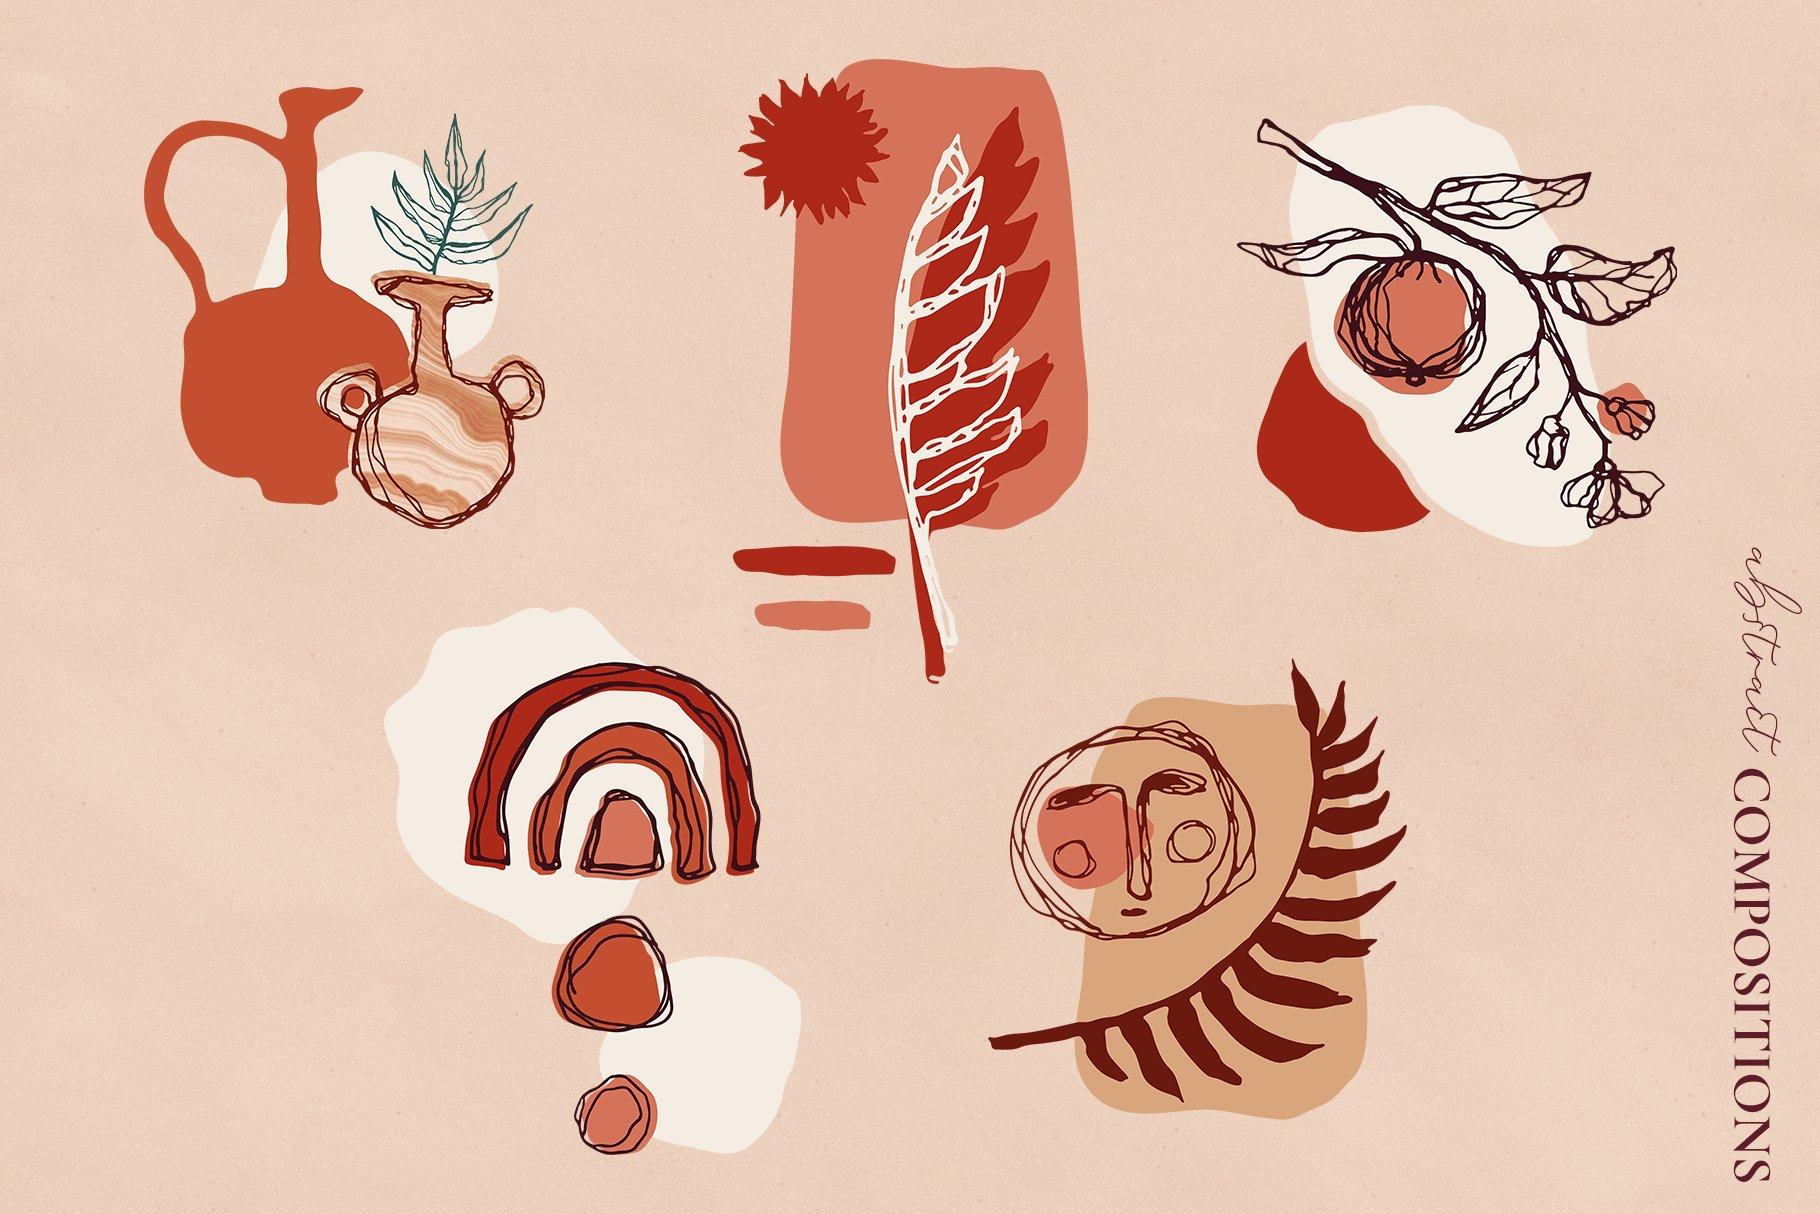 [单独购买] 现代优雅抽象花卉图形艺术线条金色箔纸设计套件 Abstract Line Art Design Kit插图5